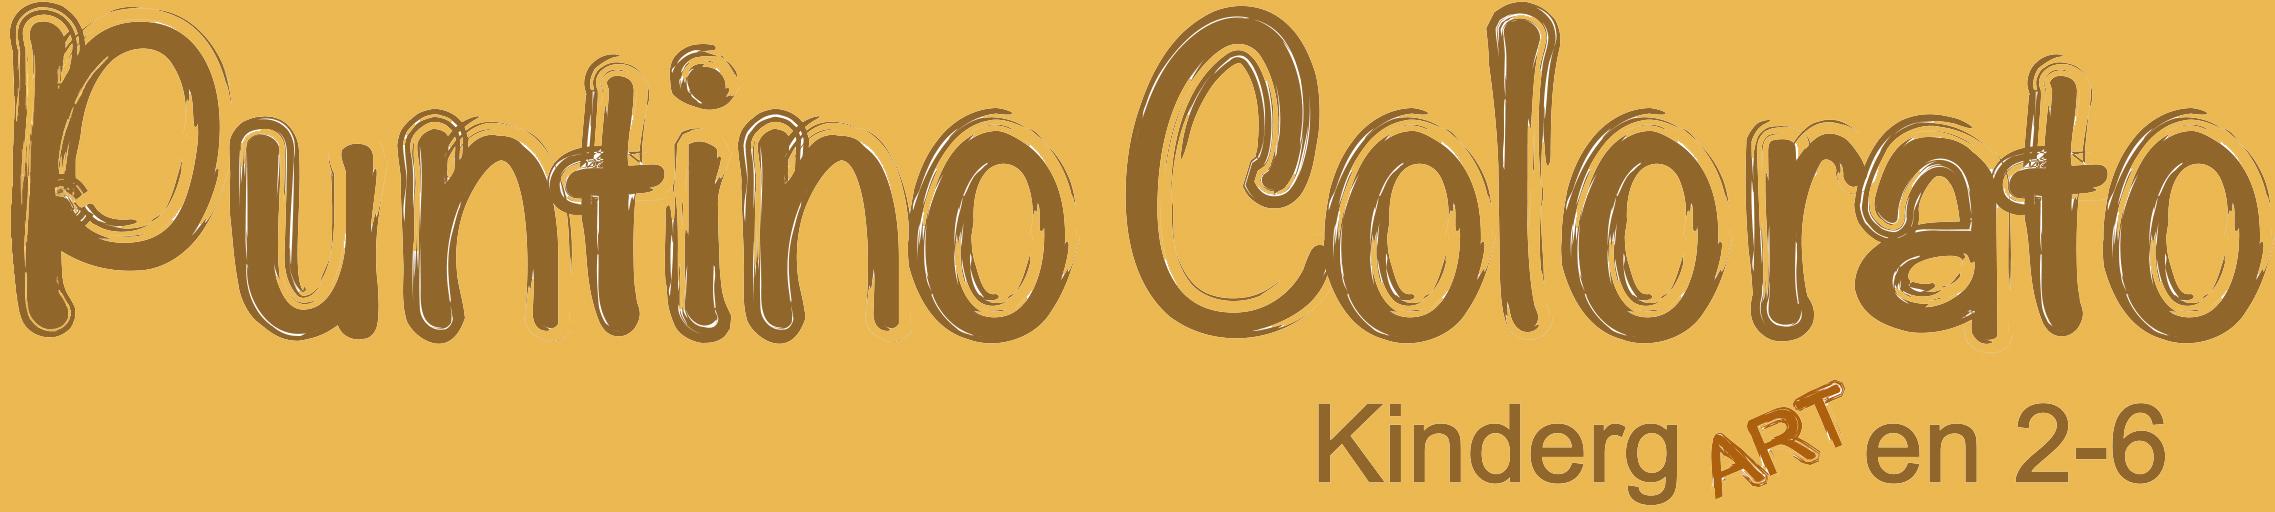 Puntino Colorato - KindergARTen 2-6